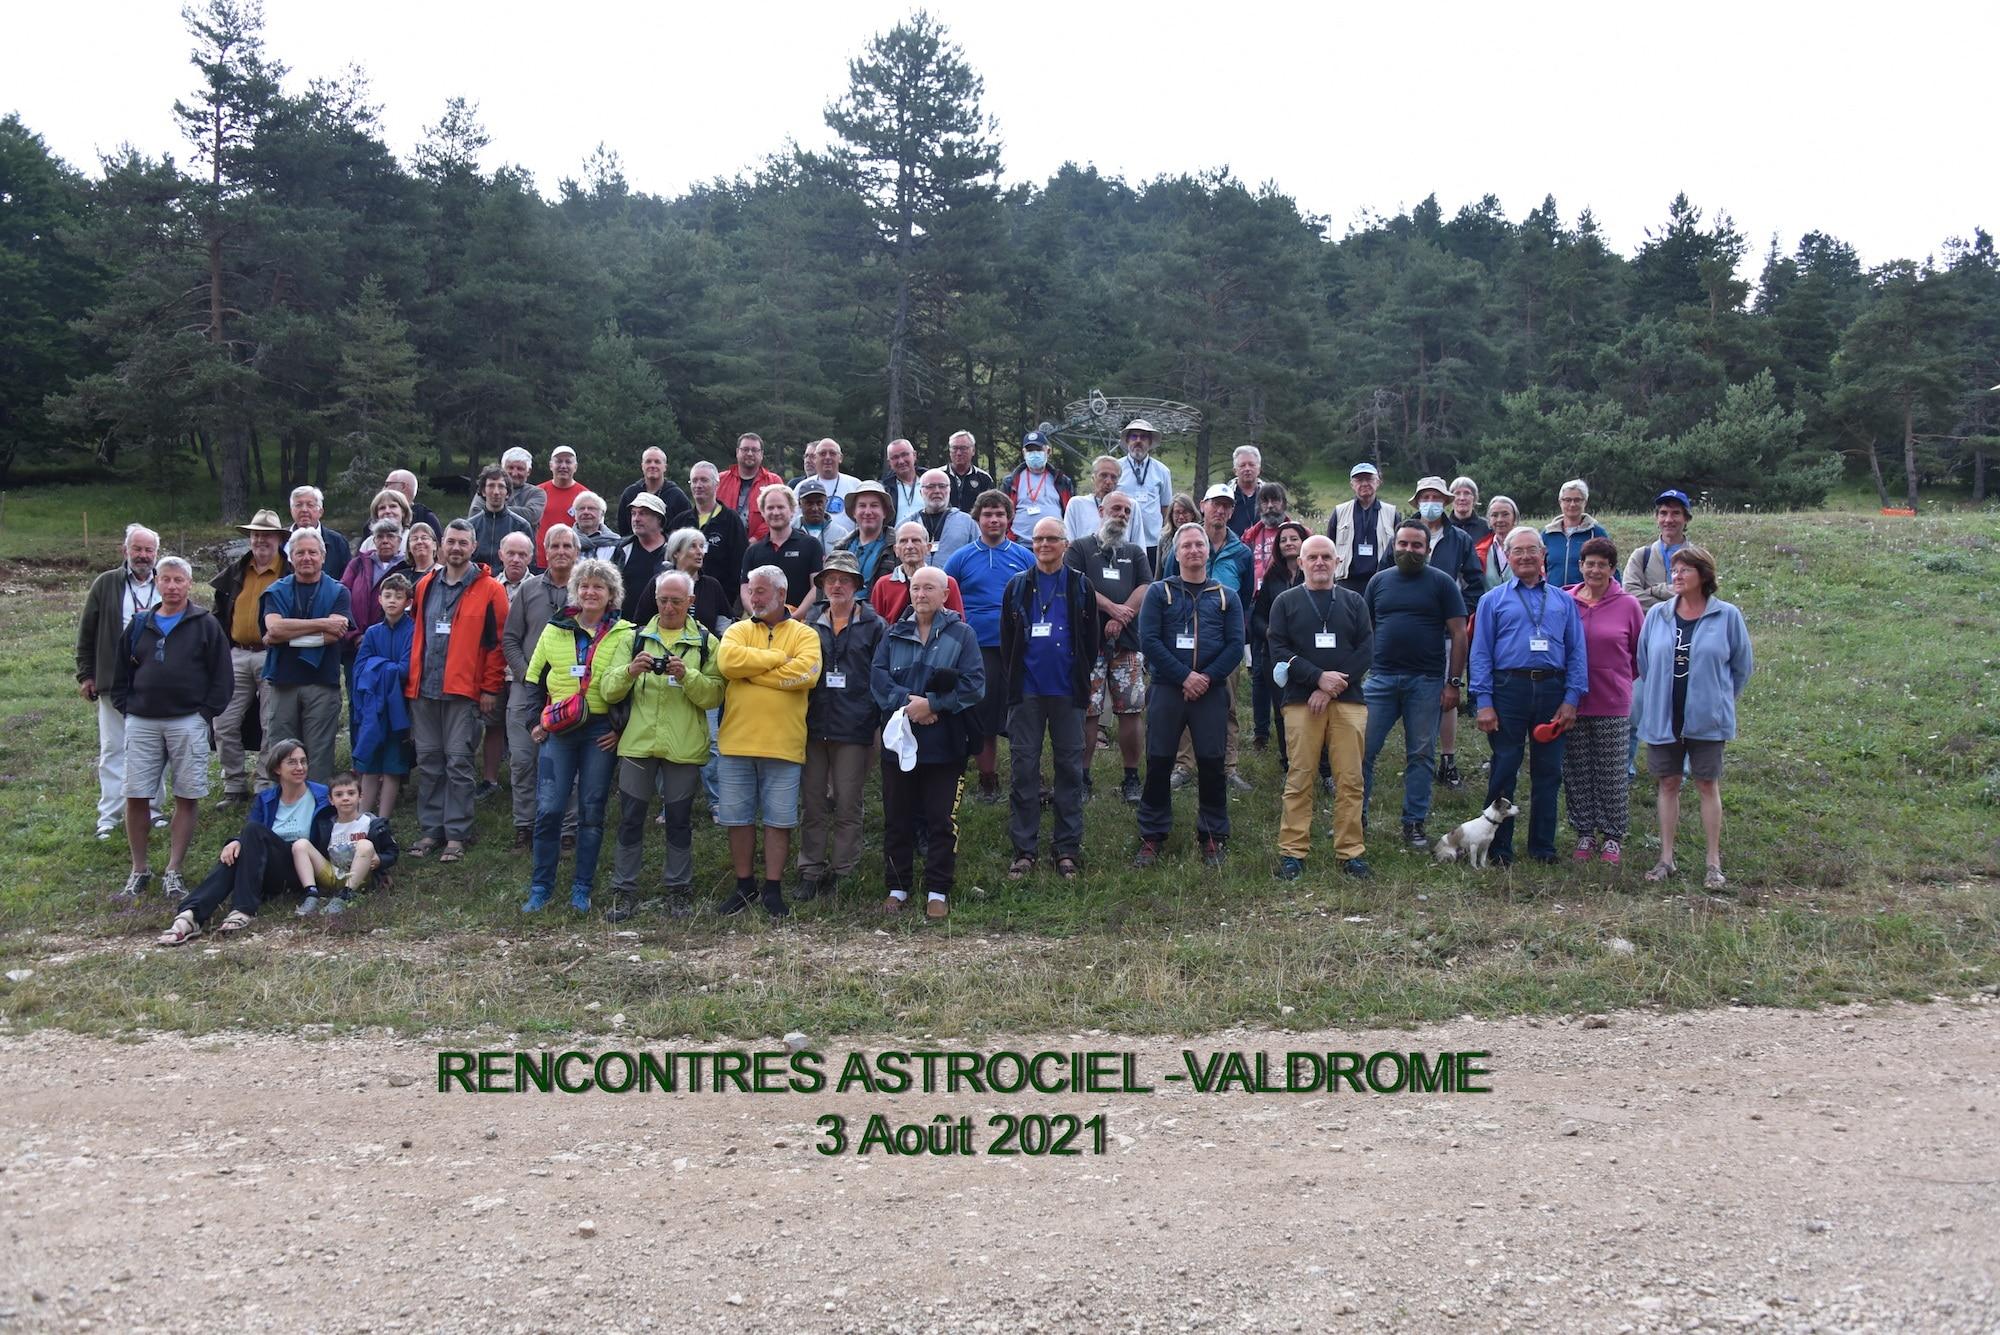 Valdrôme en Biovallée : Les Rencontres AstroCiel du 11 au 26 août 2020…